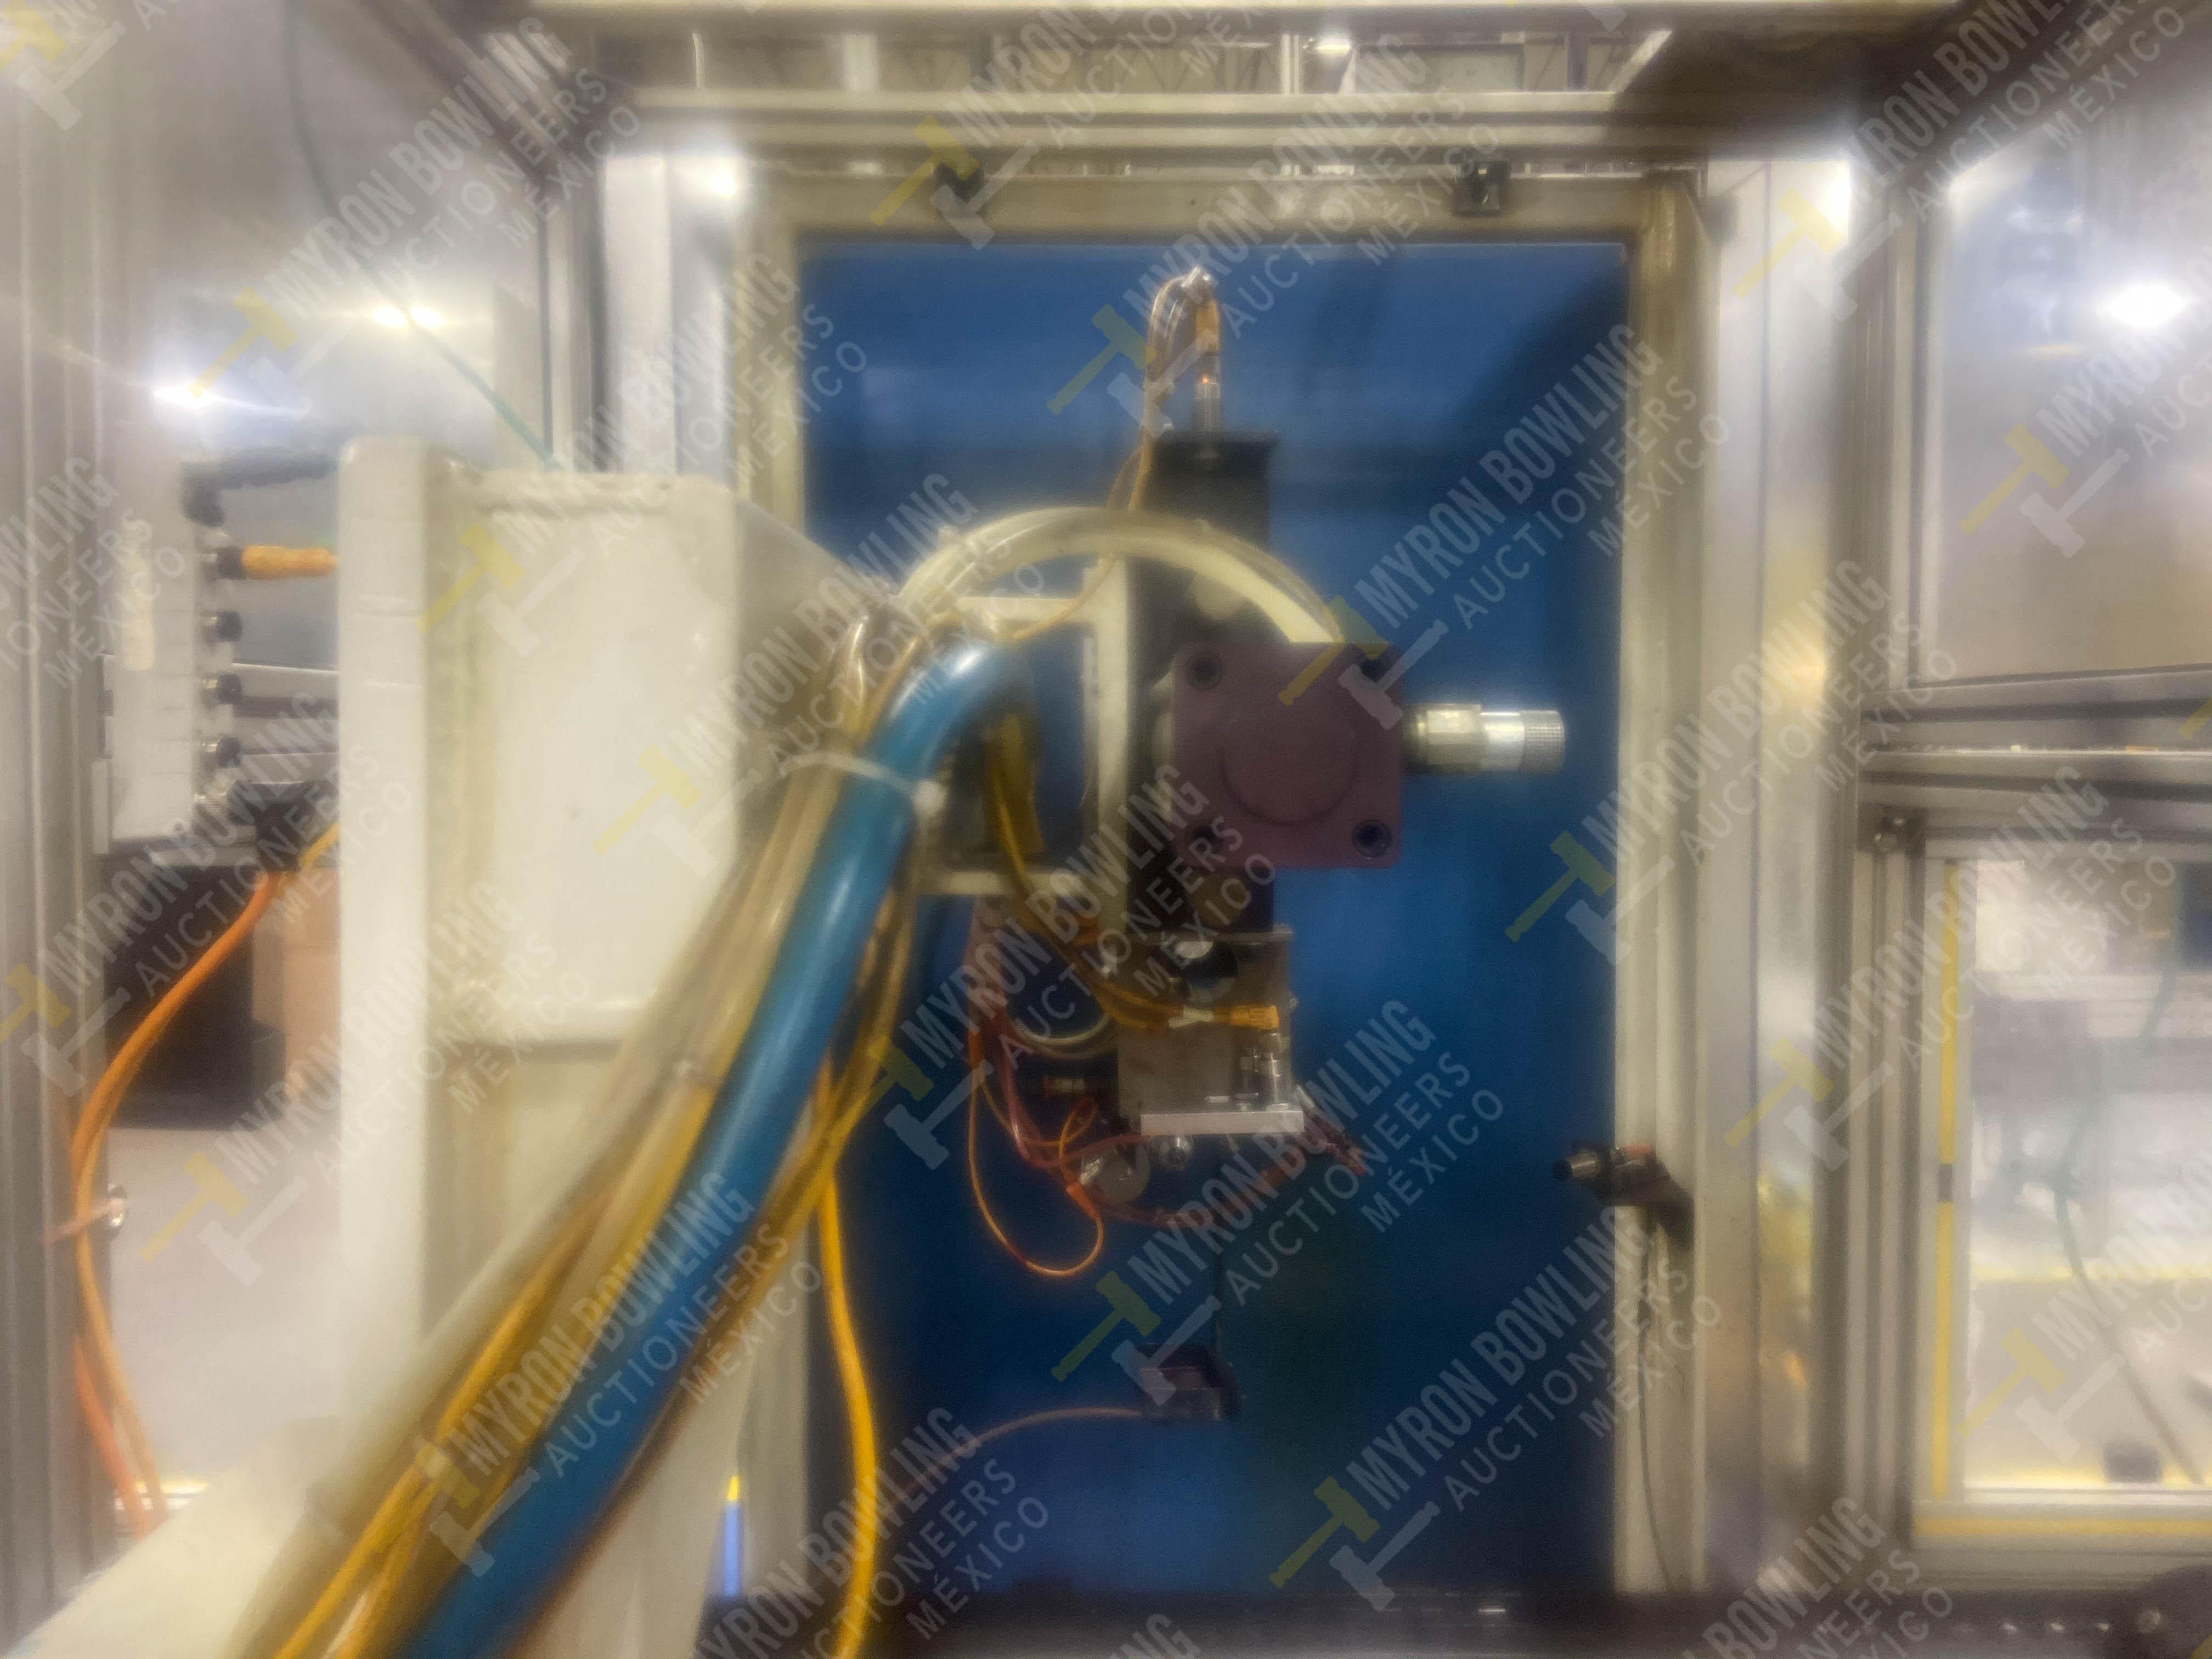 Estación semiautomática para operación 416, contiene: Sistema de llenado de aceite - Image 14 of 20